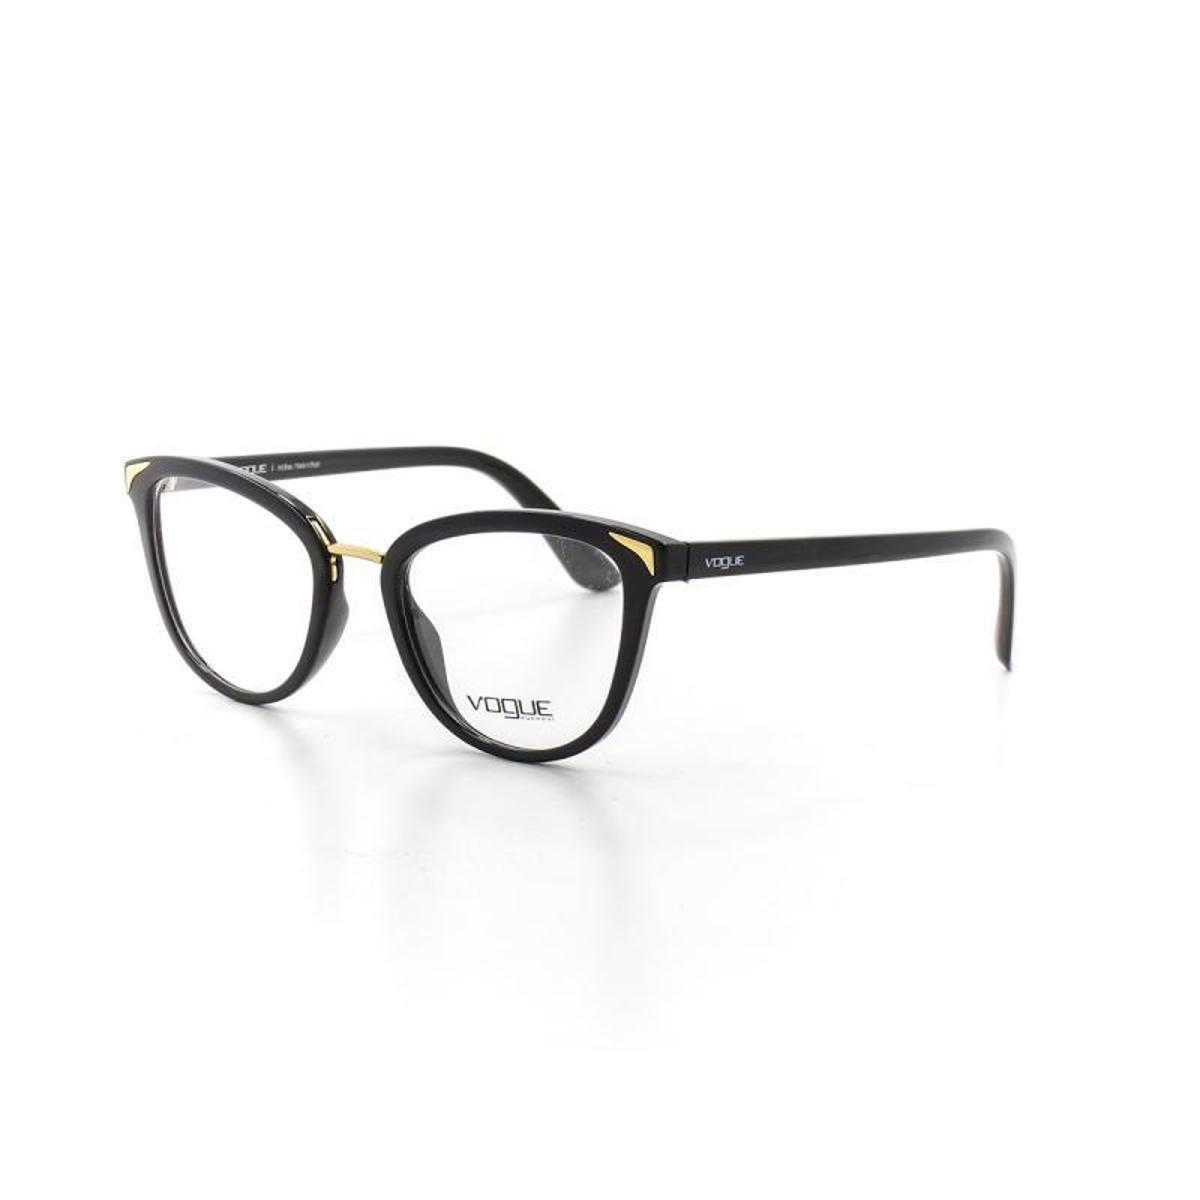 Armação De Óculos De Grau Vogue 5231 T 51 C W44 Metal Feminino ... 3d3eeed3e4